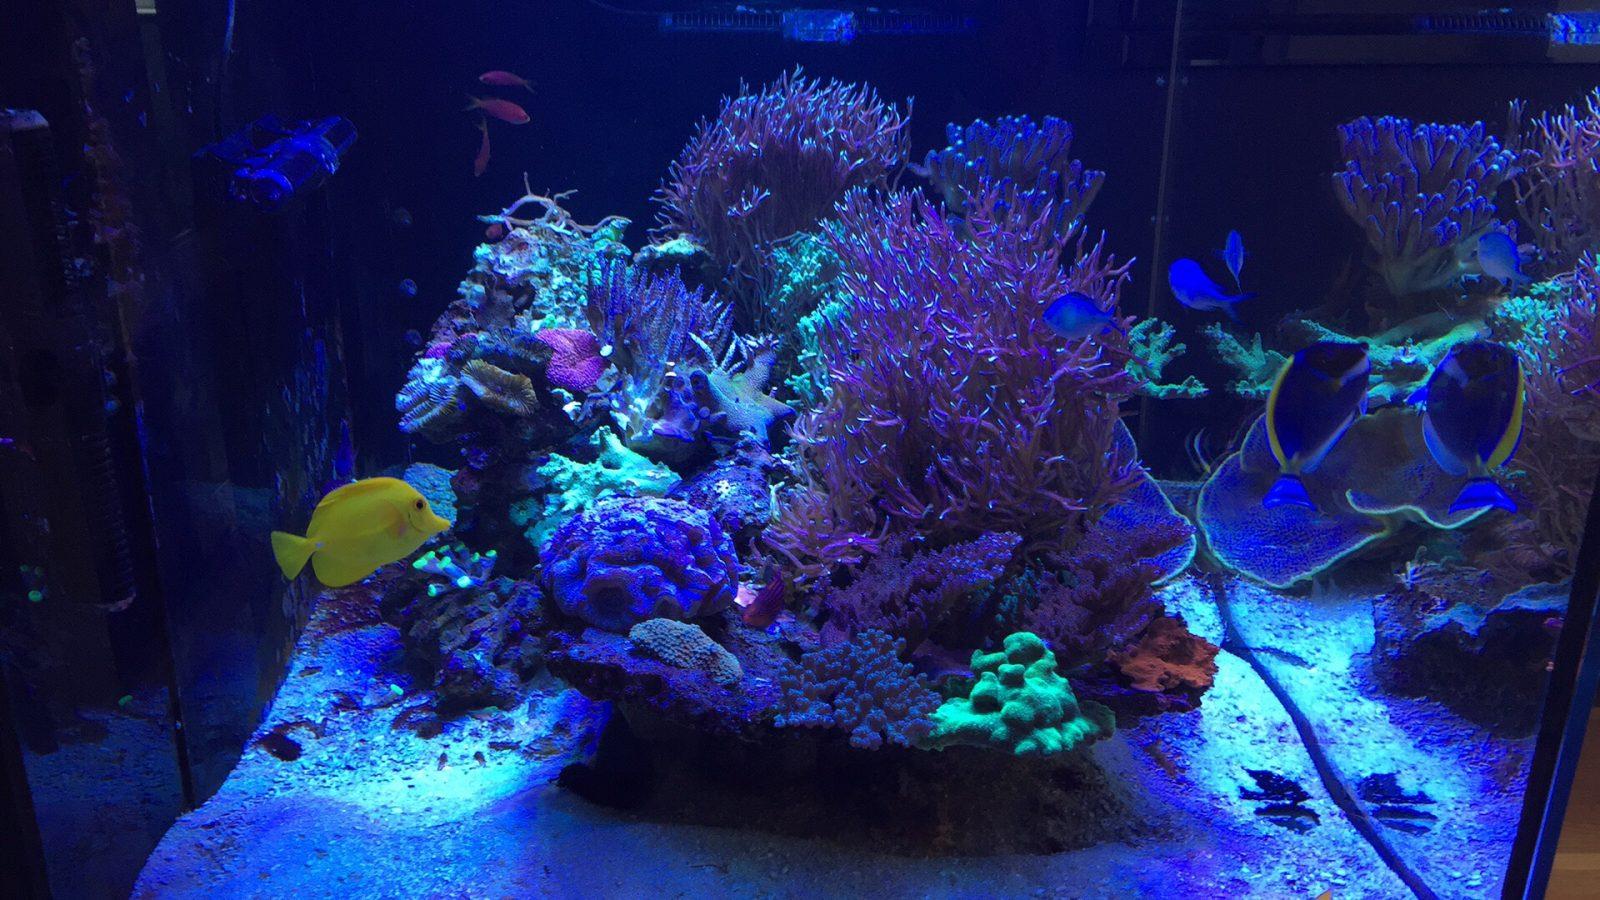 récif coraux royaume meilleur led lumières